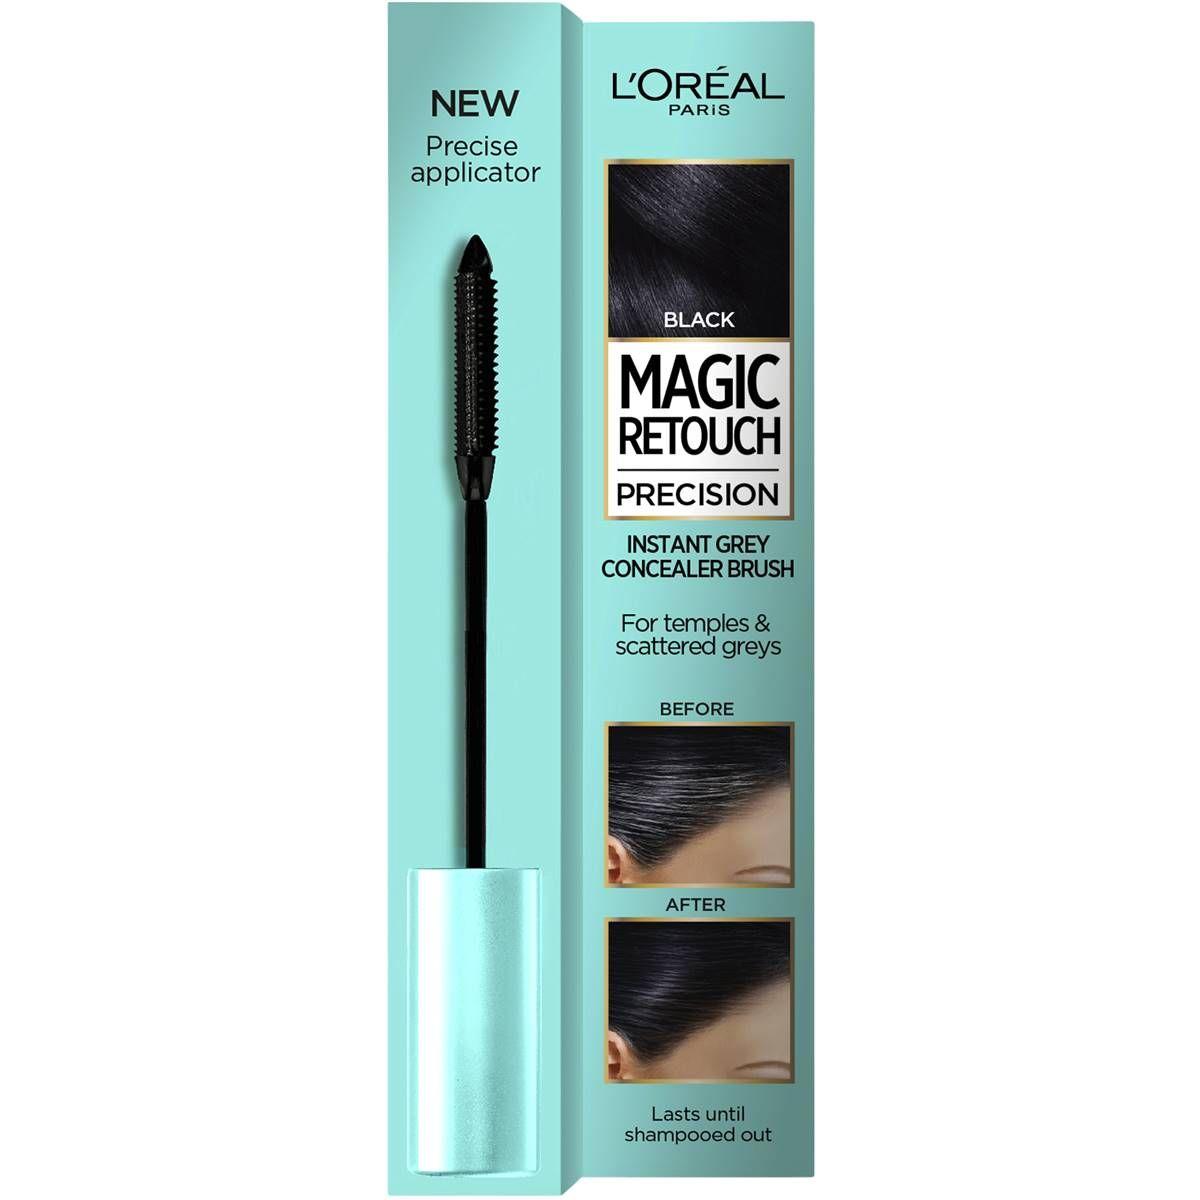 L'Oreal Paris Magic Retouch Precision Řasenka na vlasy Černá 8 ml